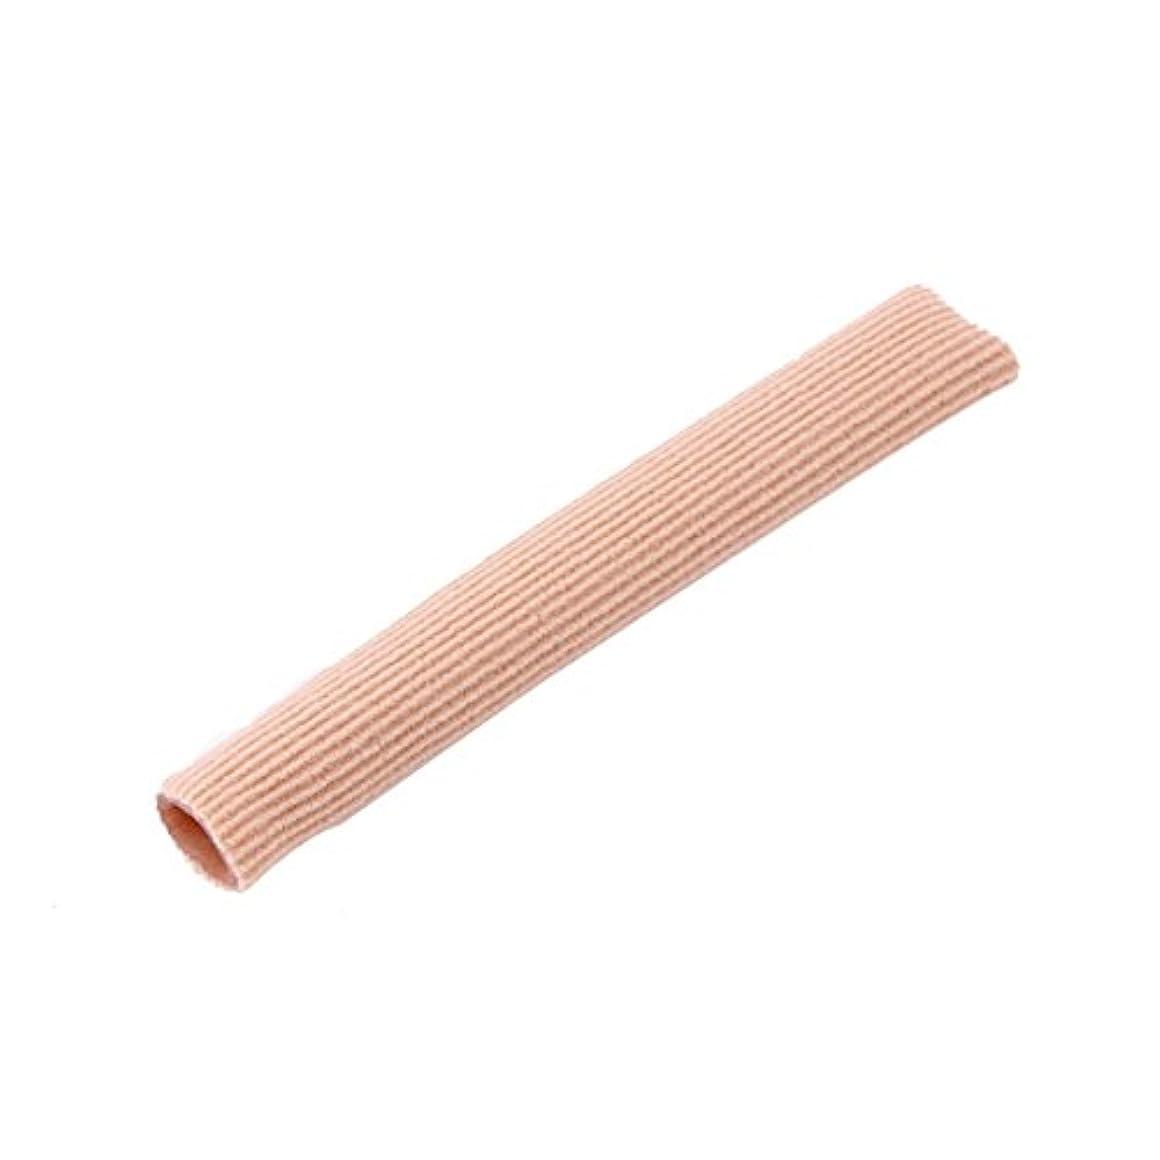 こっそり実験的仲介者ファブリックジェルチューブ包帯指&つま先保護足の足の痛みを軽減15CMフィートガード用足の保護用インソール(ピンク)